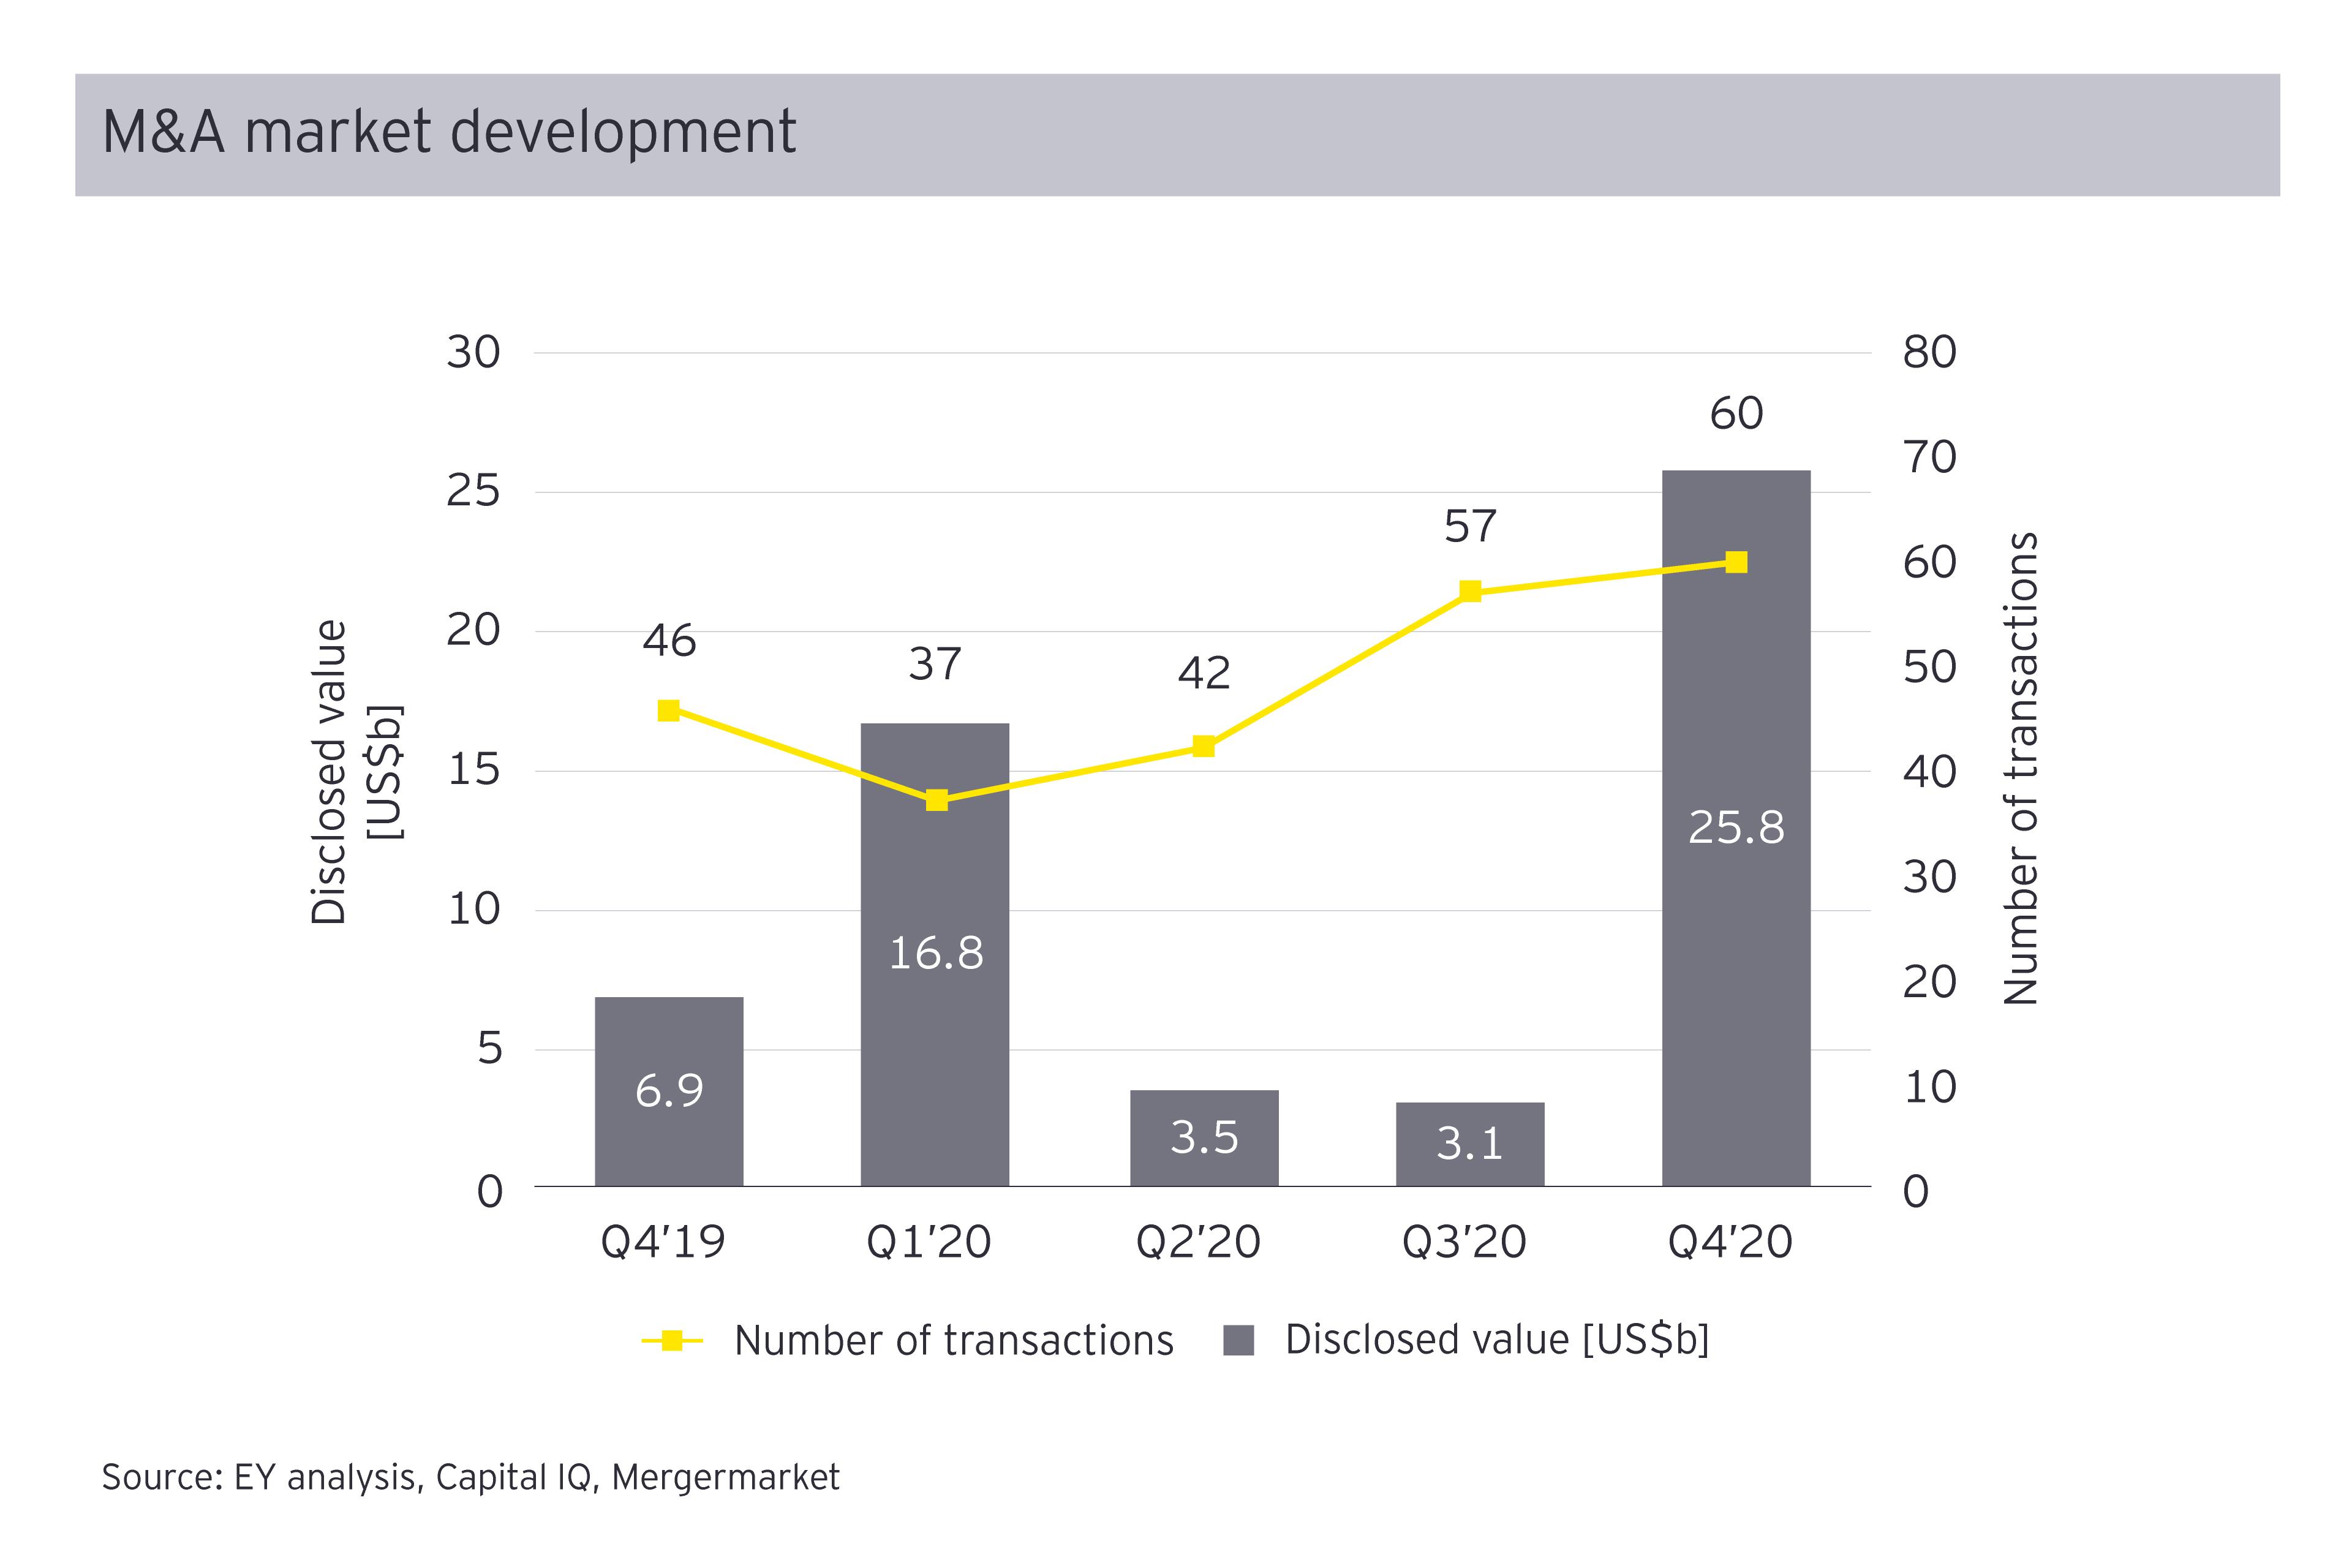 M&A market development